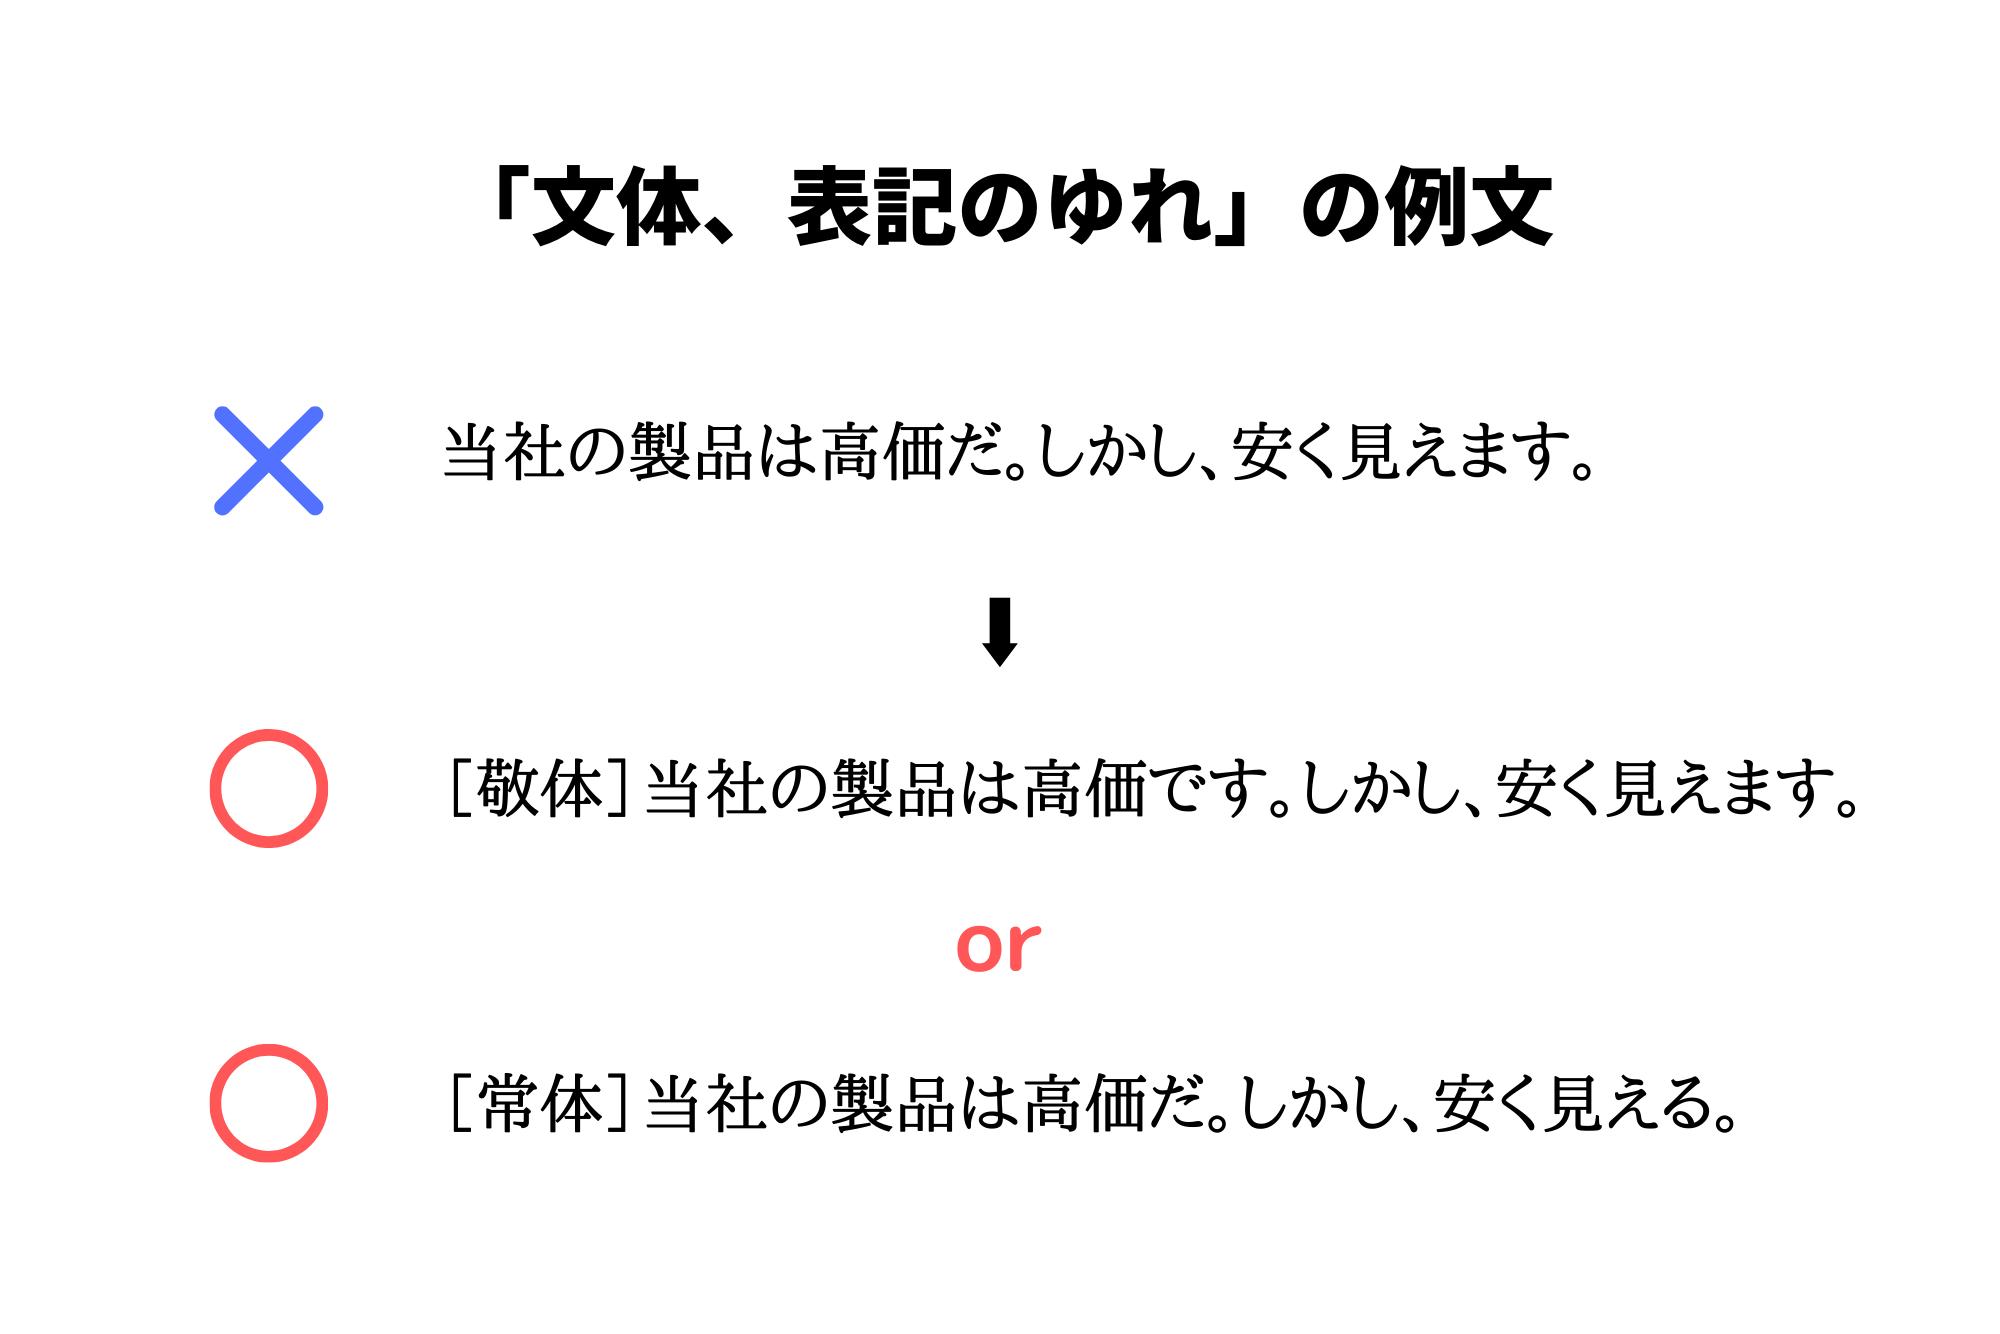 「文体、表記ゆれ」の例文